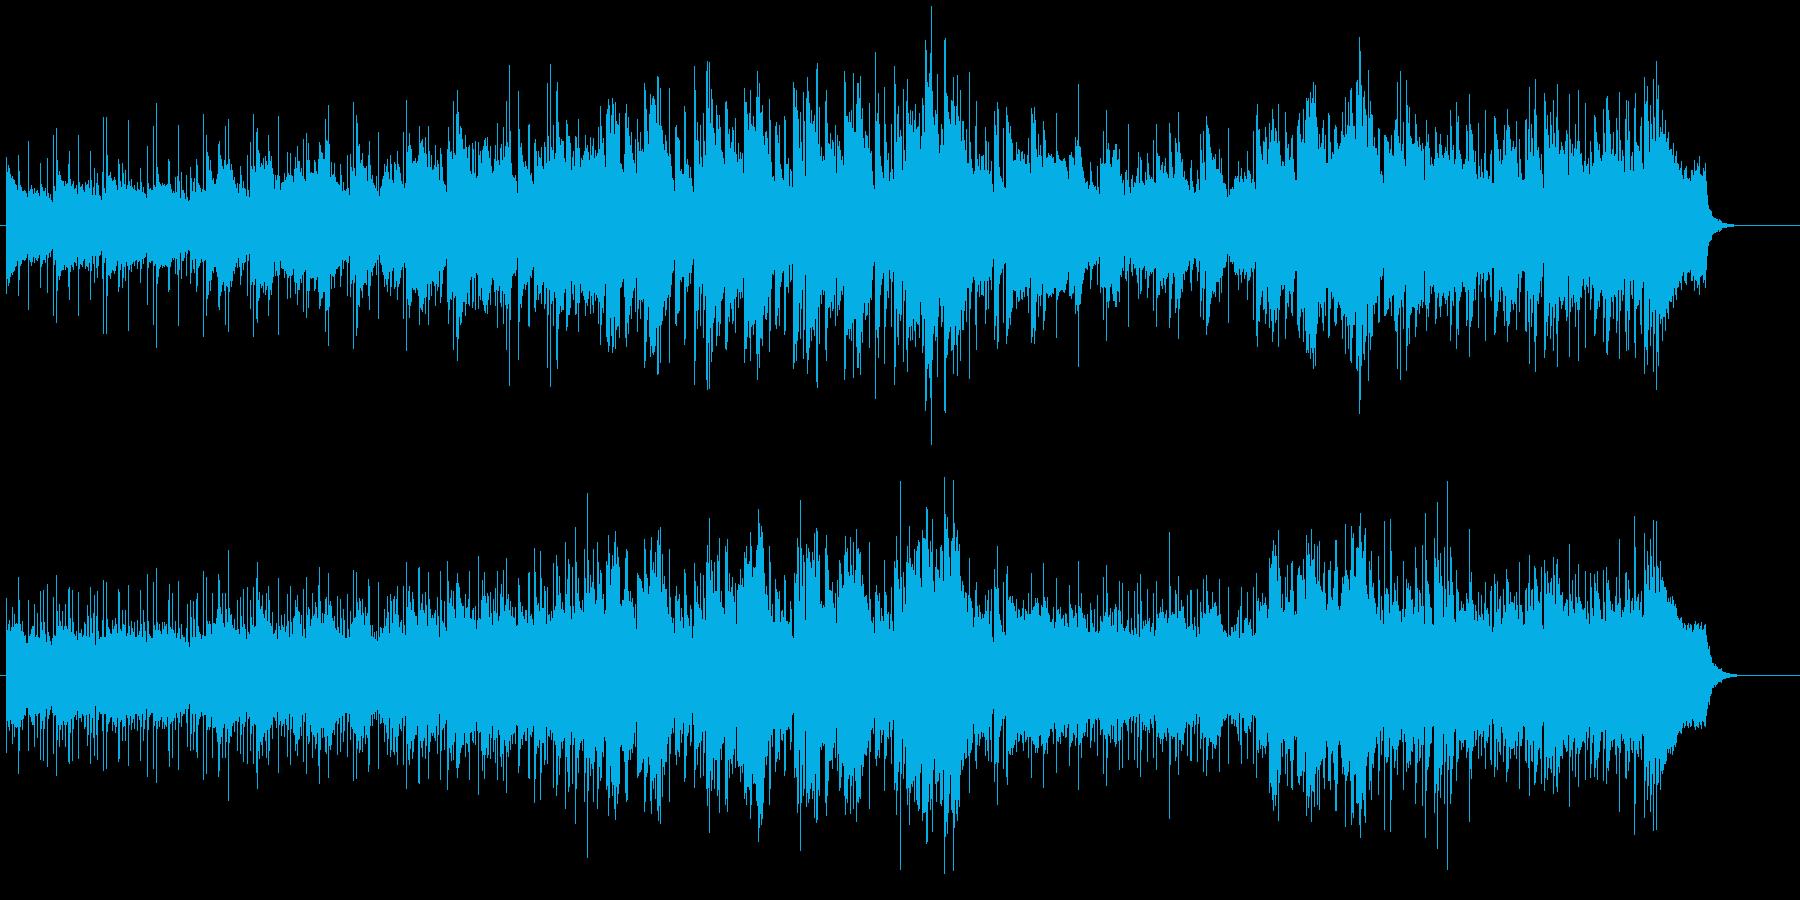 メンタルで愁いのあるバラードの再生済みの波形